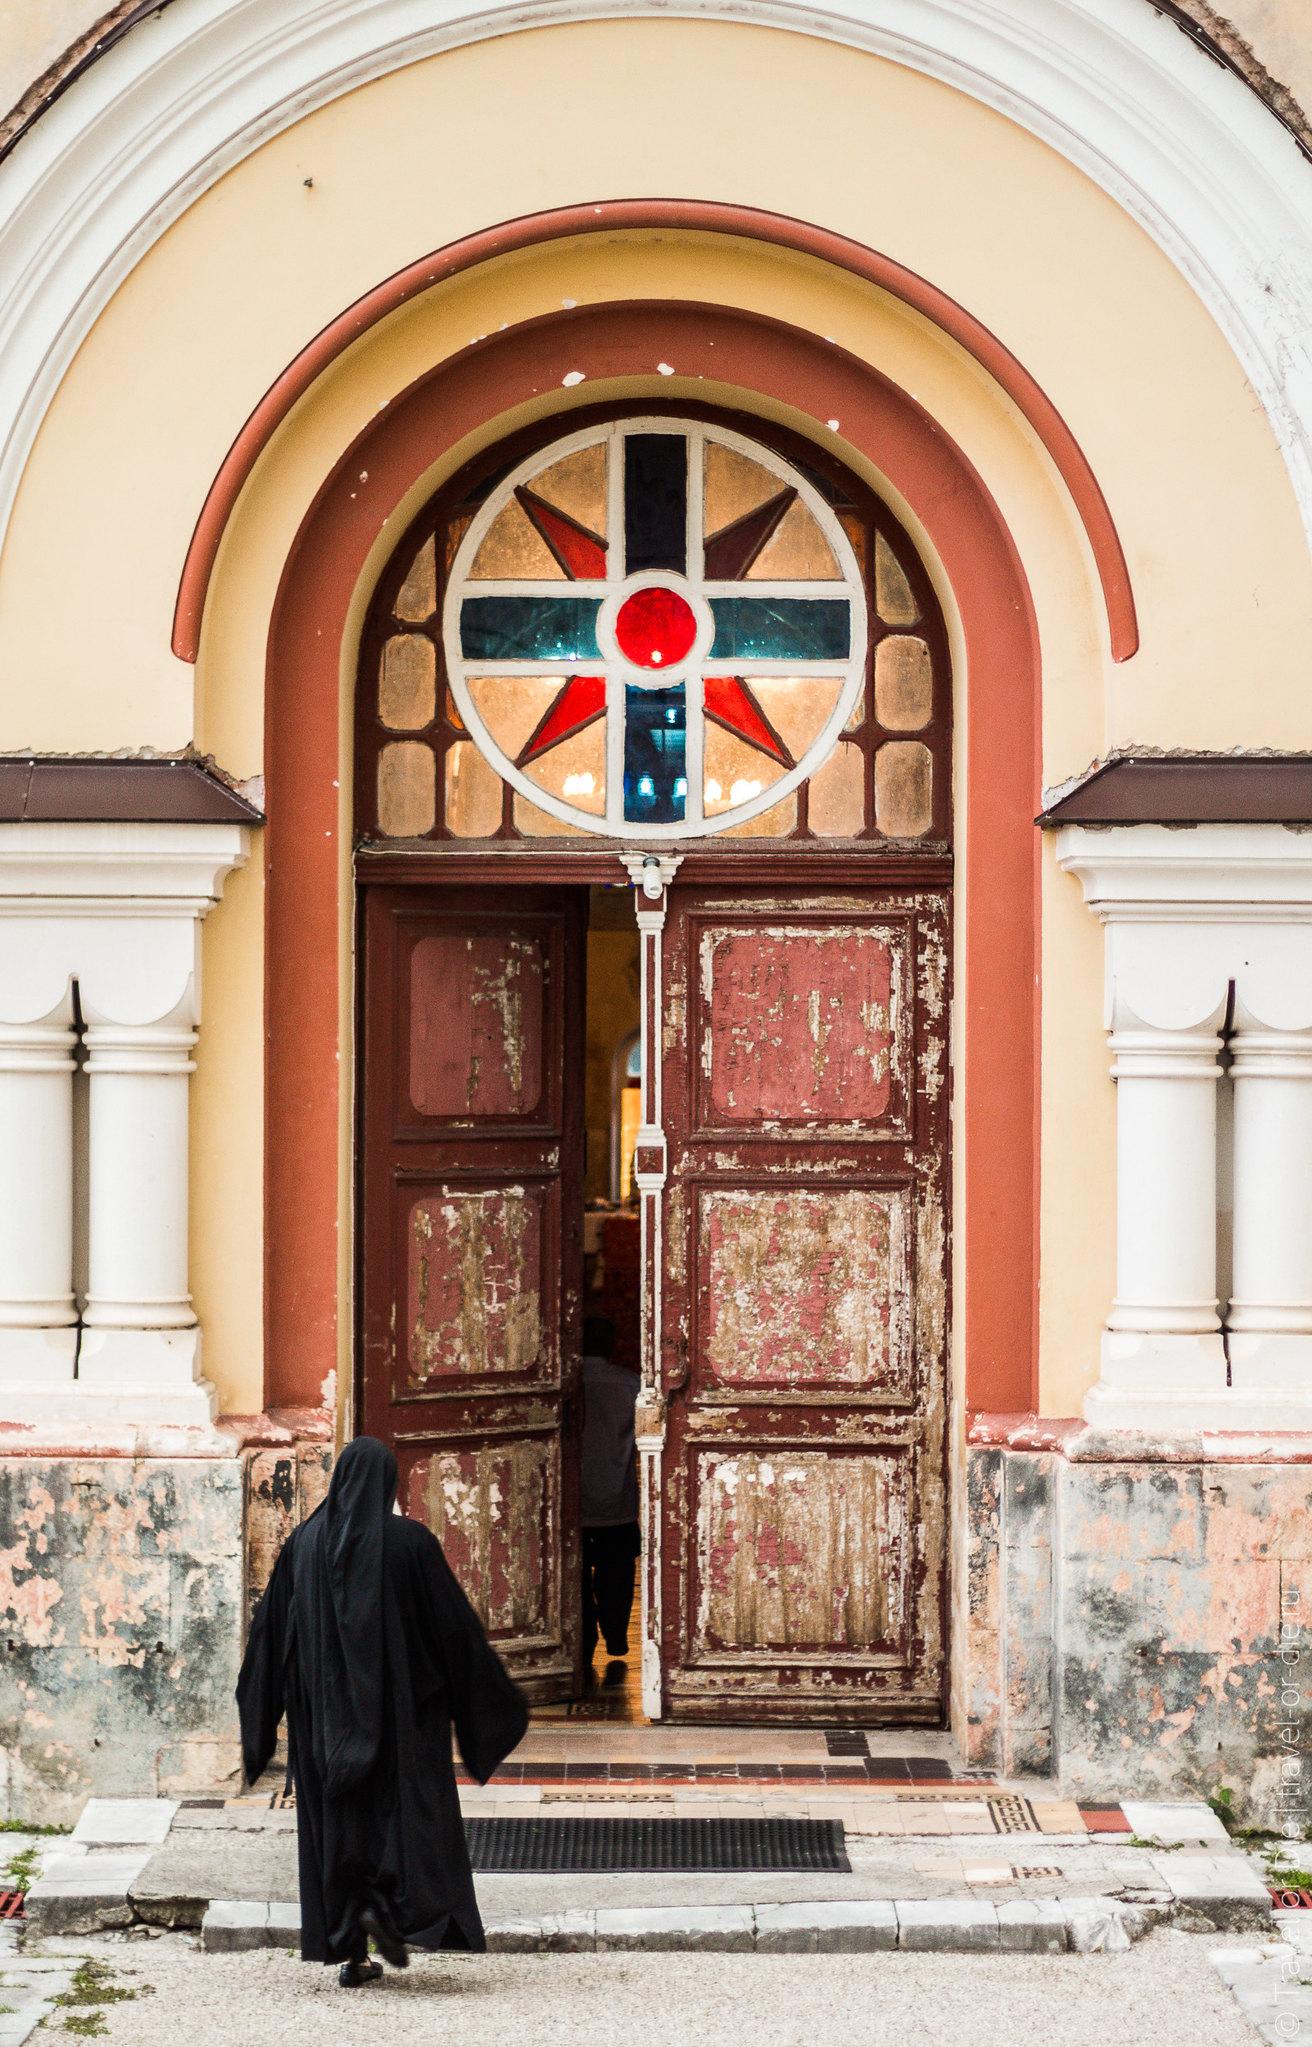 Новоафонский-монастырь-New-Athos-Monastery-Abkhazia-0517